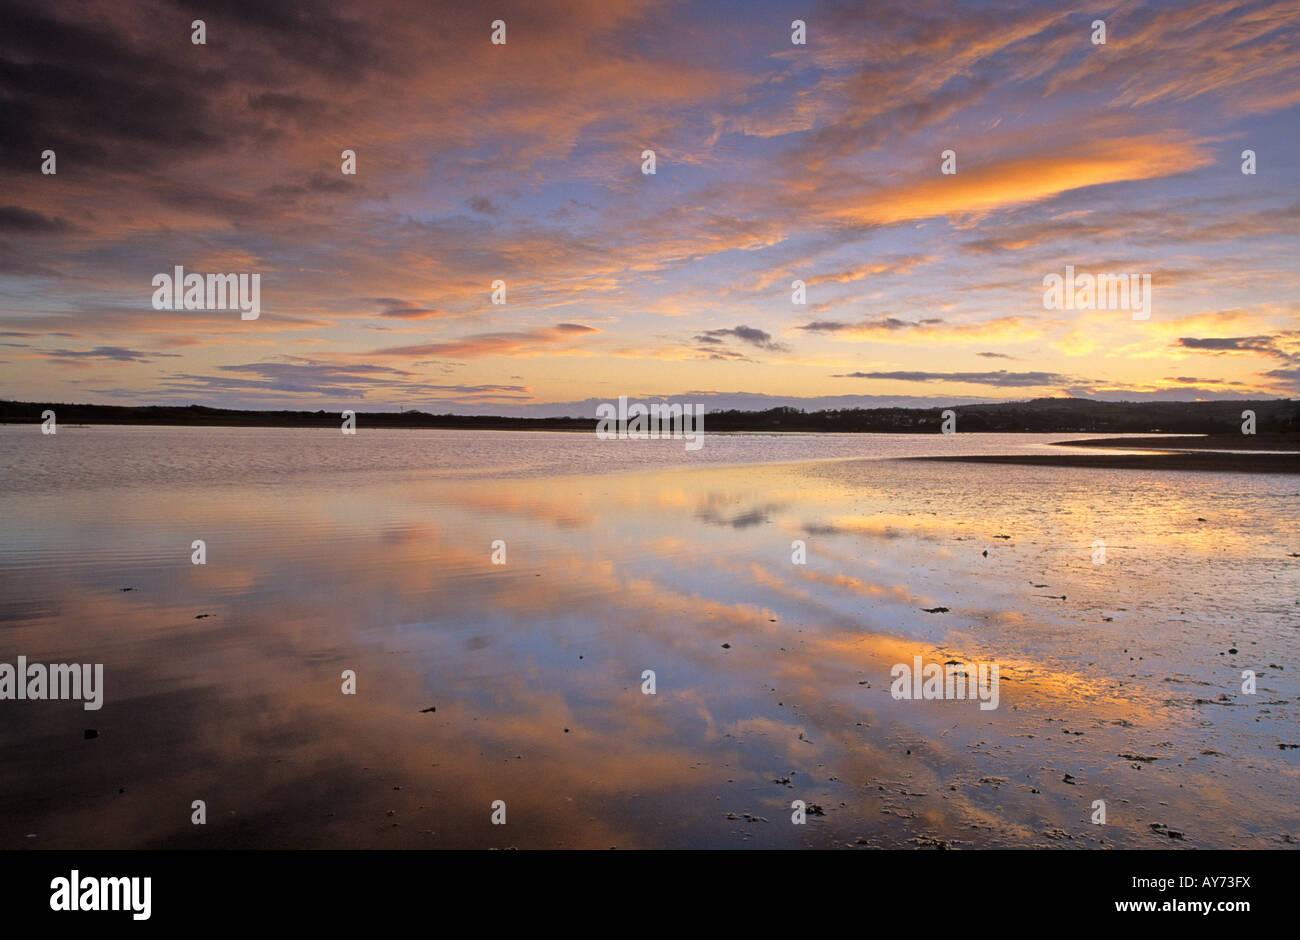 Sunrise over Exe Estuary, Dawlish Warren, Dawlish, Devon, England, UK - Stock Image